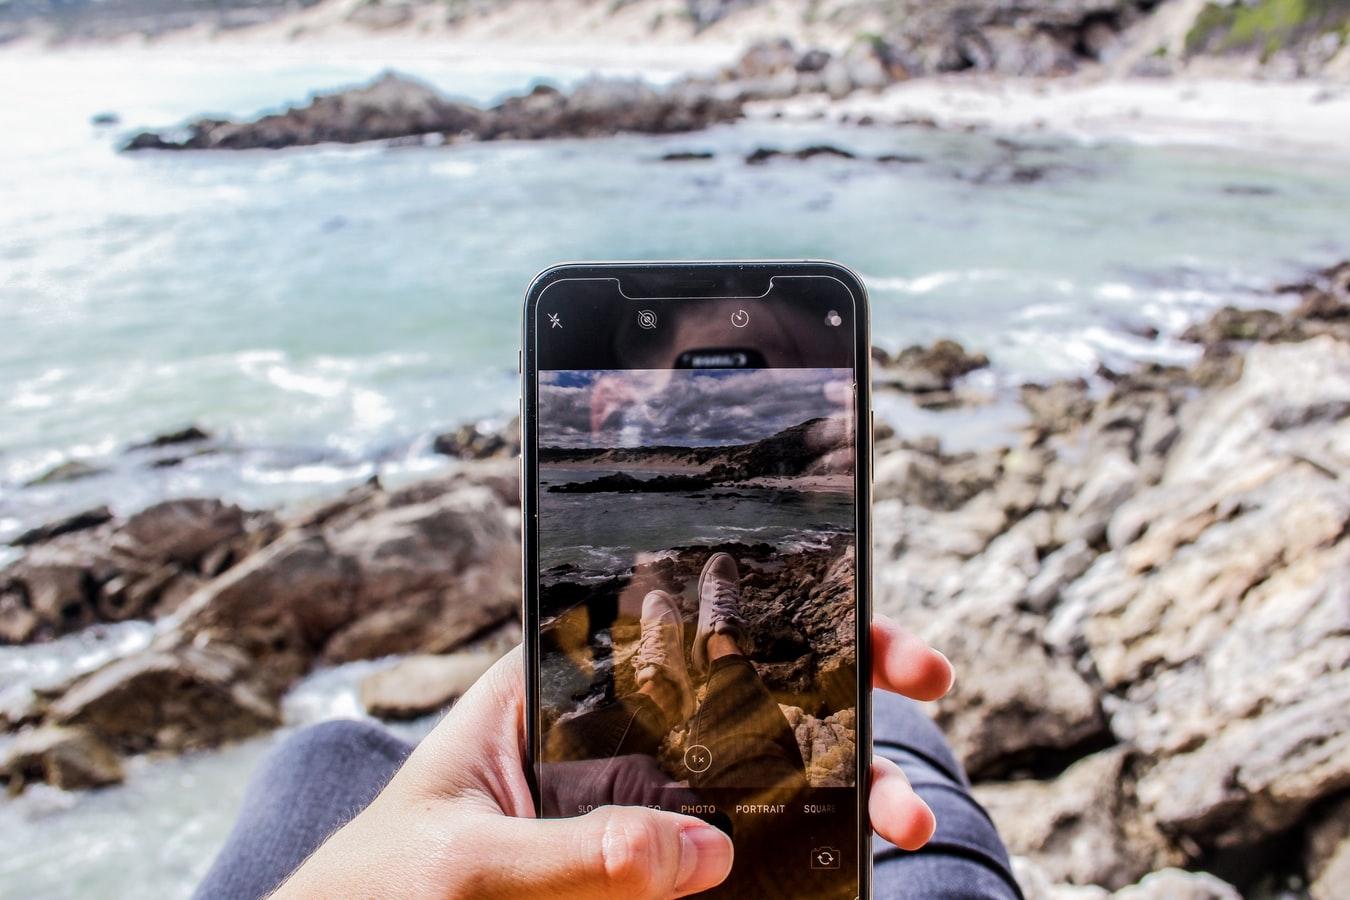 Πώς να μην είστε τόσο εξαρτημένοι από τα κινητά σας